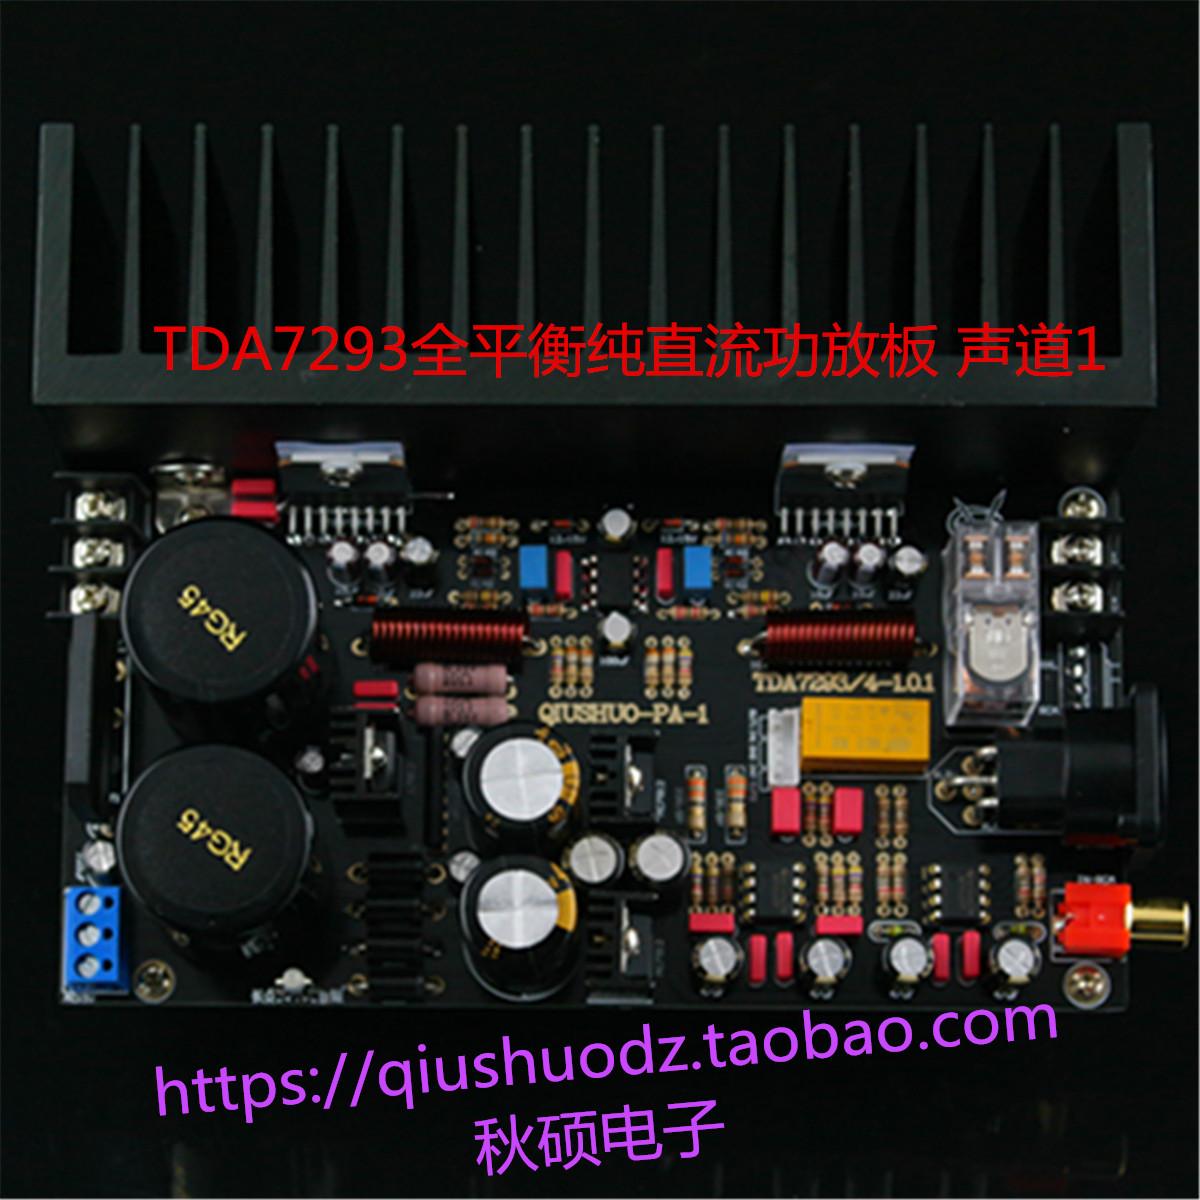 Усилитель Rachel masters  TDA7293 7294 BTL DAC ES9028AK4495